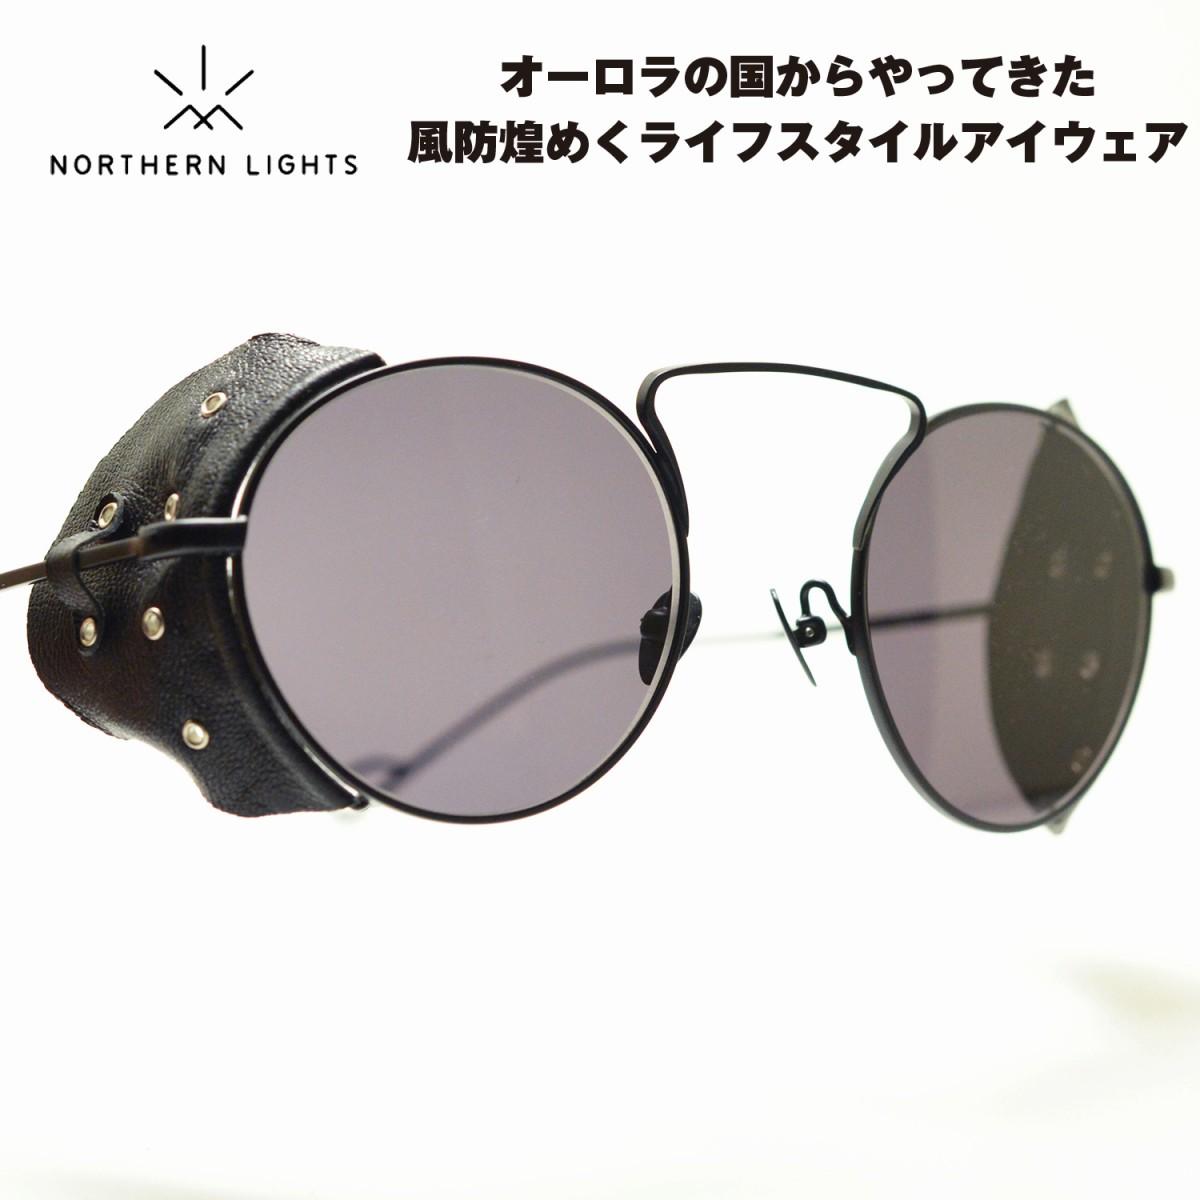 NORTHERN LIGHTS ノーザンライツ NL-18-047 アルパインノアール/ブラックメガネ 眼鏡 めがね メンズ レディース おしゃれ ブランド 人気 おすすめ フレーム 流行り 度付き レンズ サングラス